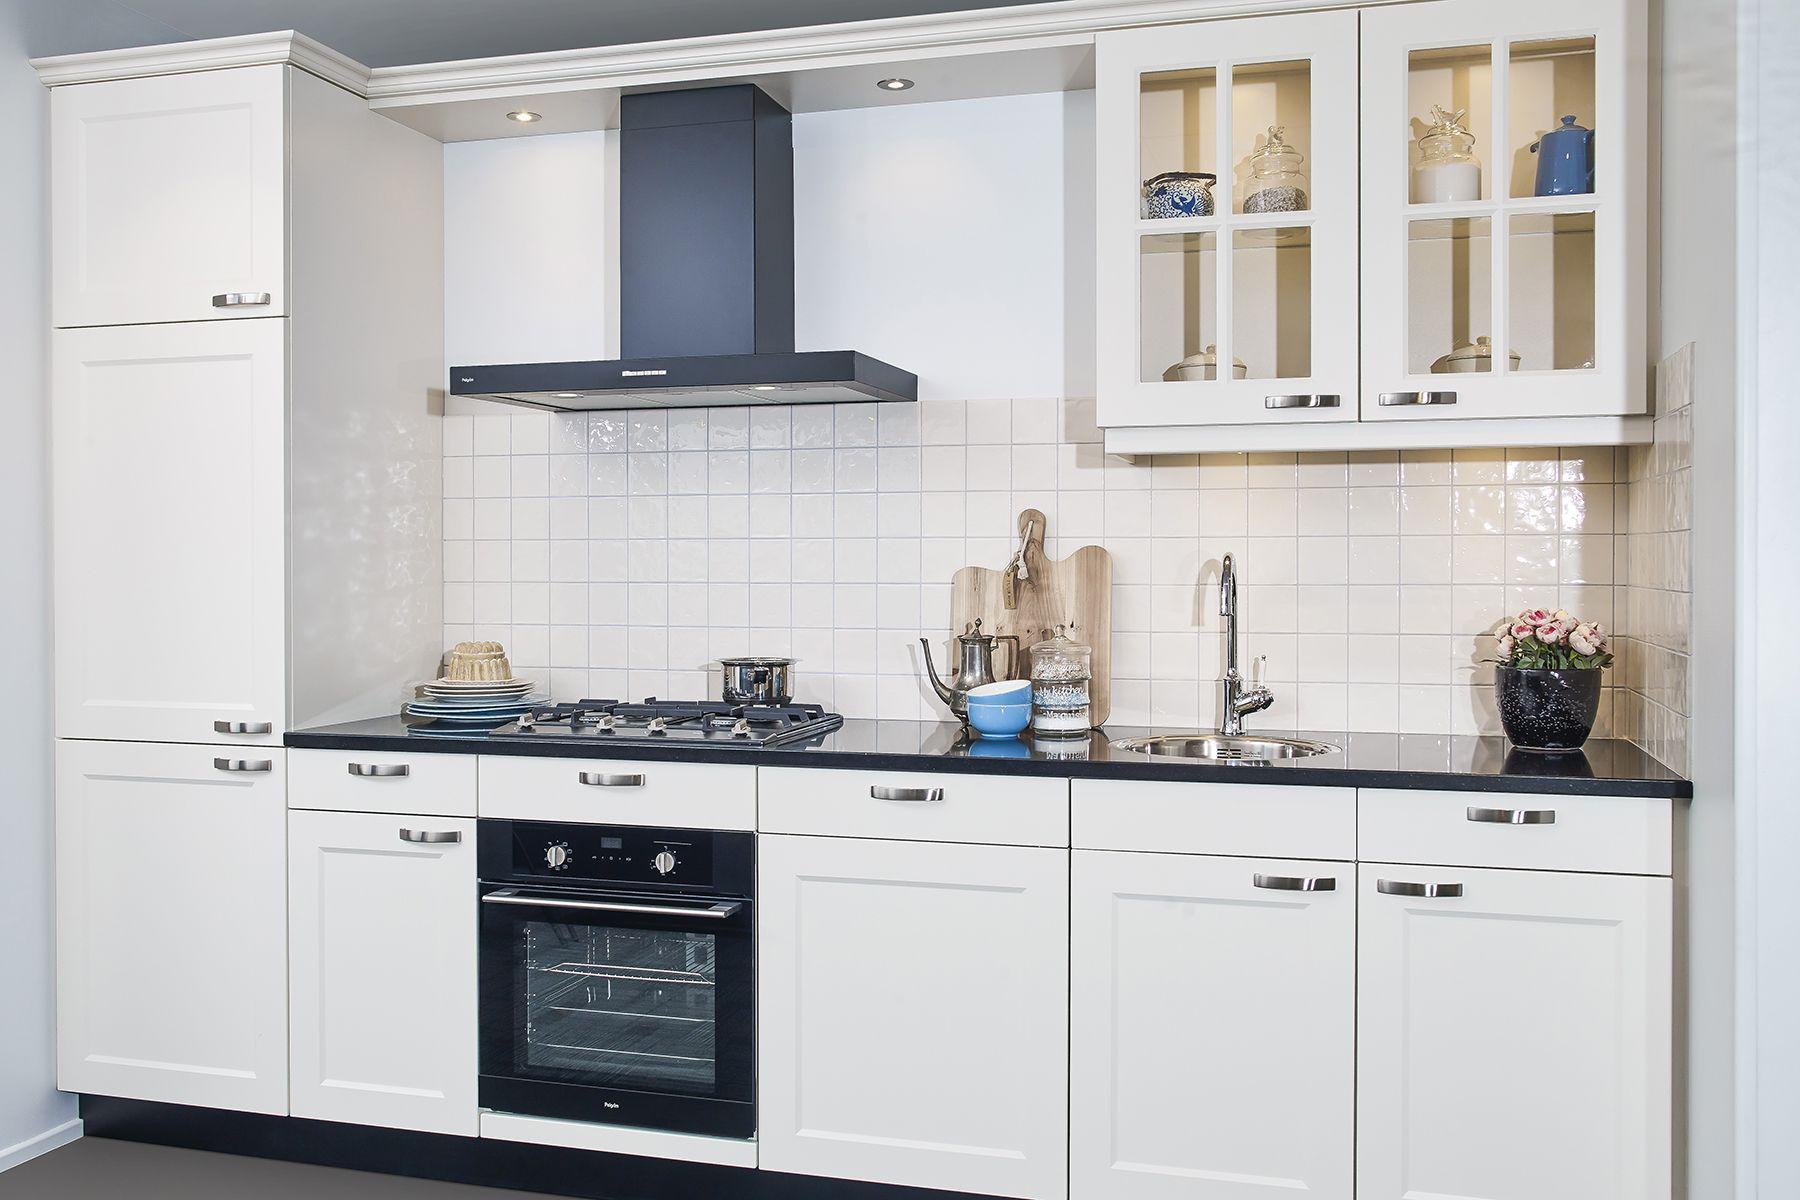 Witte Keuken Landelijk : Witte keuken in landelijke stijl met zwarte apparatuur let op de